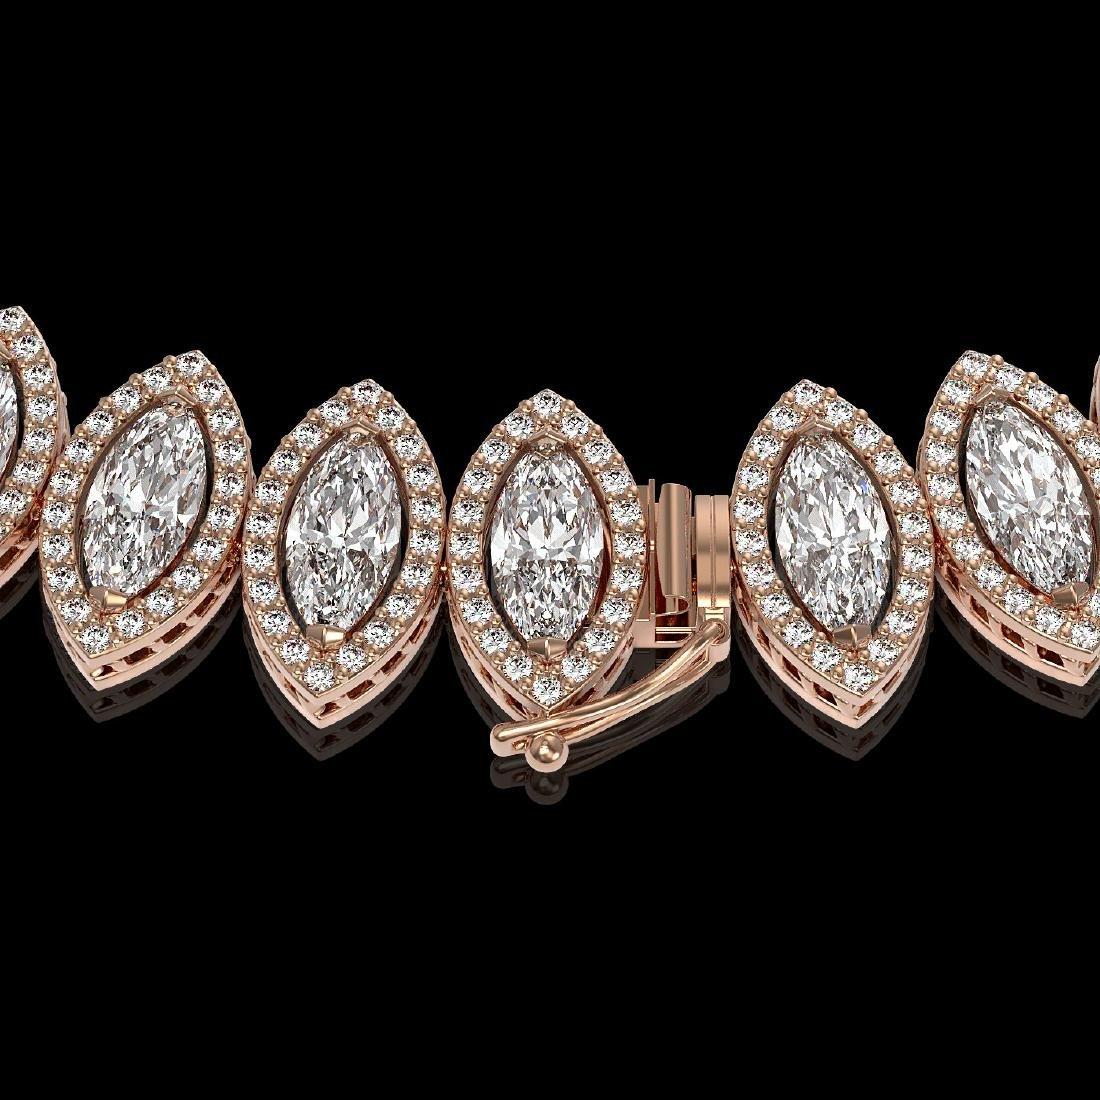 39.68 CTW Marquise Diamond Designer Necklace 18K Rose - 3